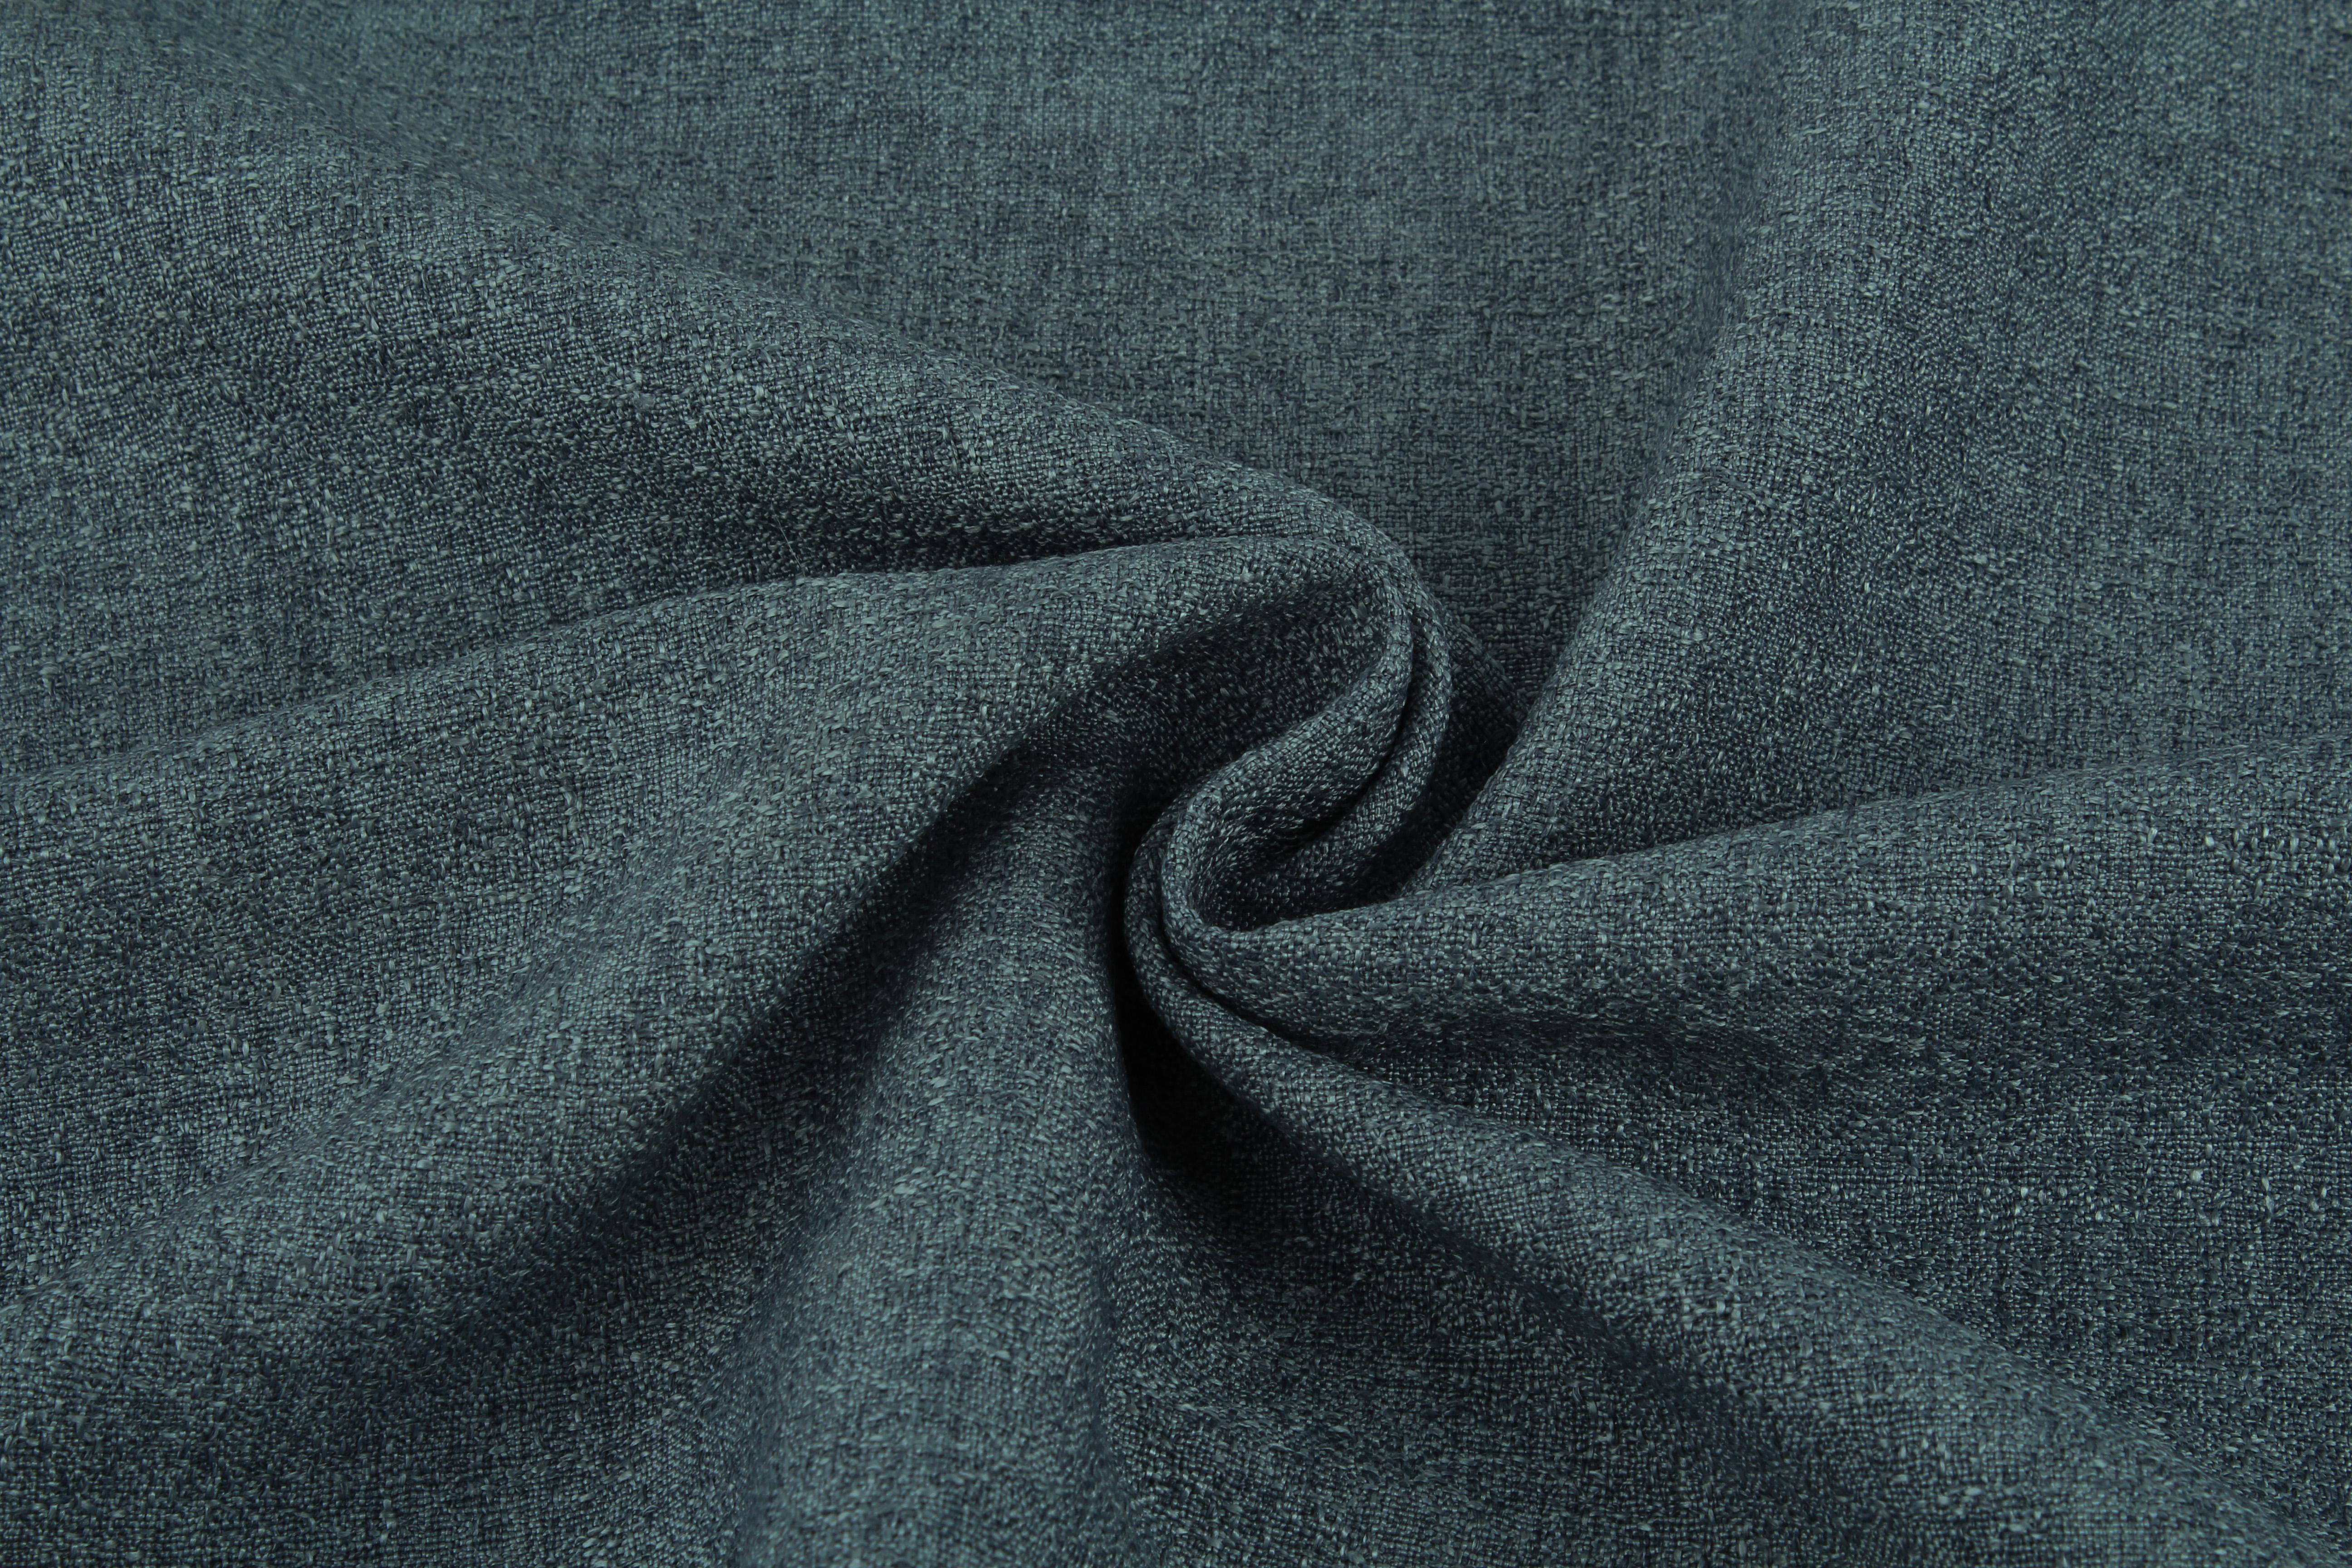 {} TexRepublic Материал Портьерная ткань Night Sky Цвет: Серый серый вислоухий котнок цена